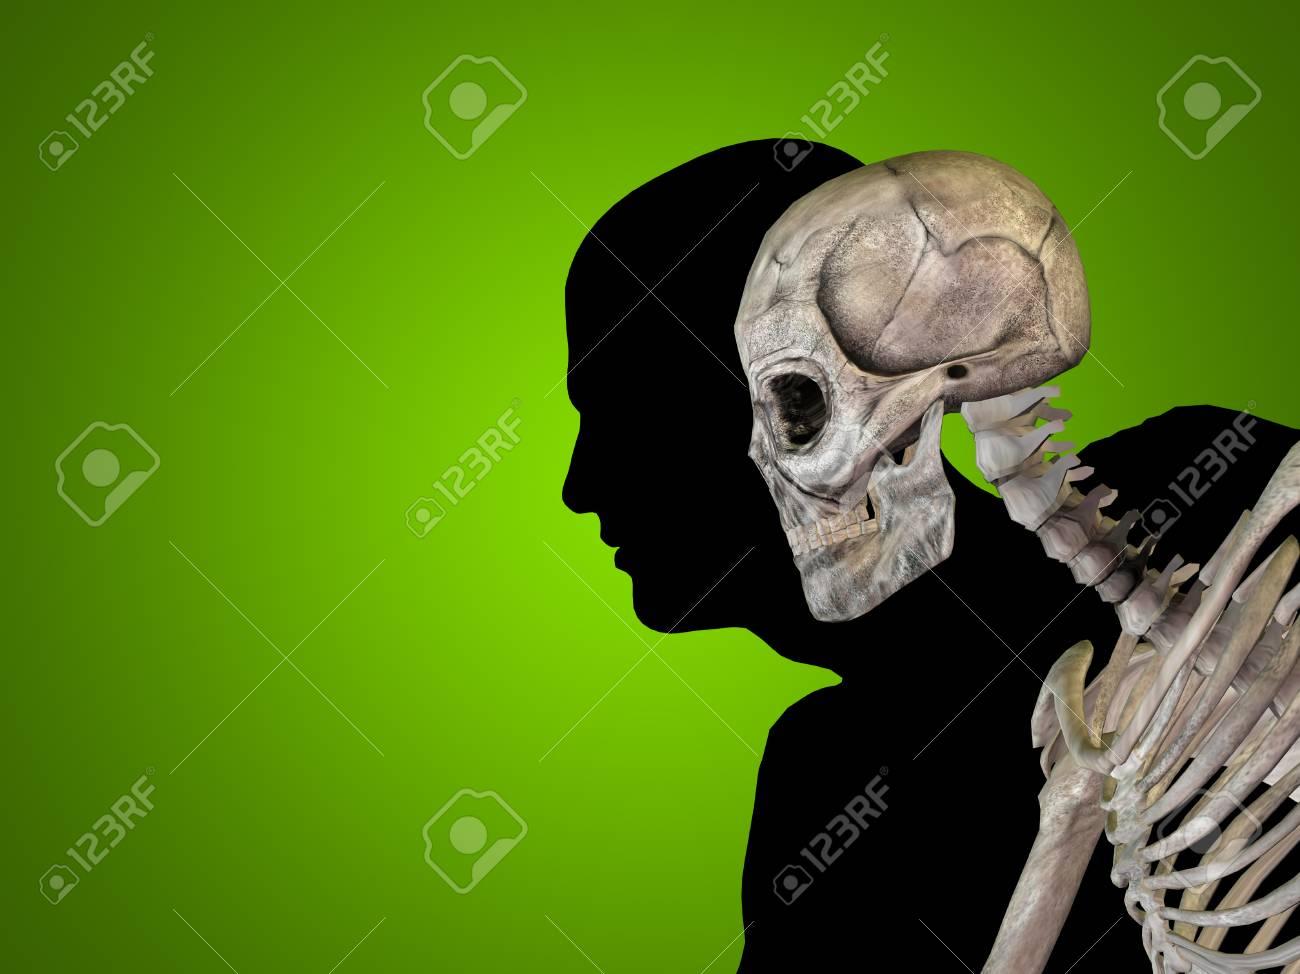 Konzeptionelle Anatomie Menschlichen Körper Auf Grünem Hintergrund ...